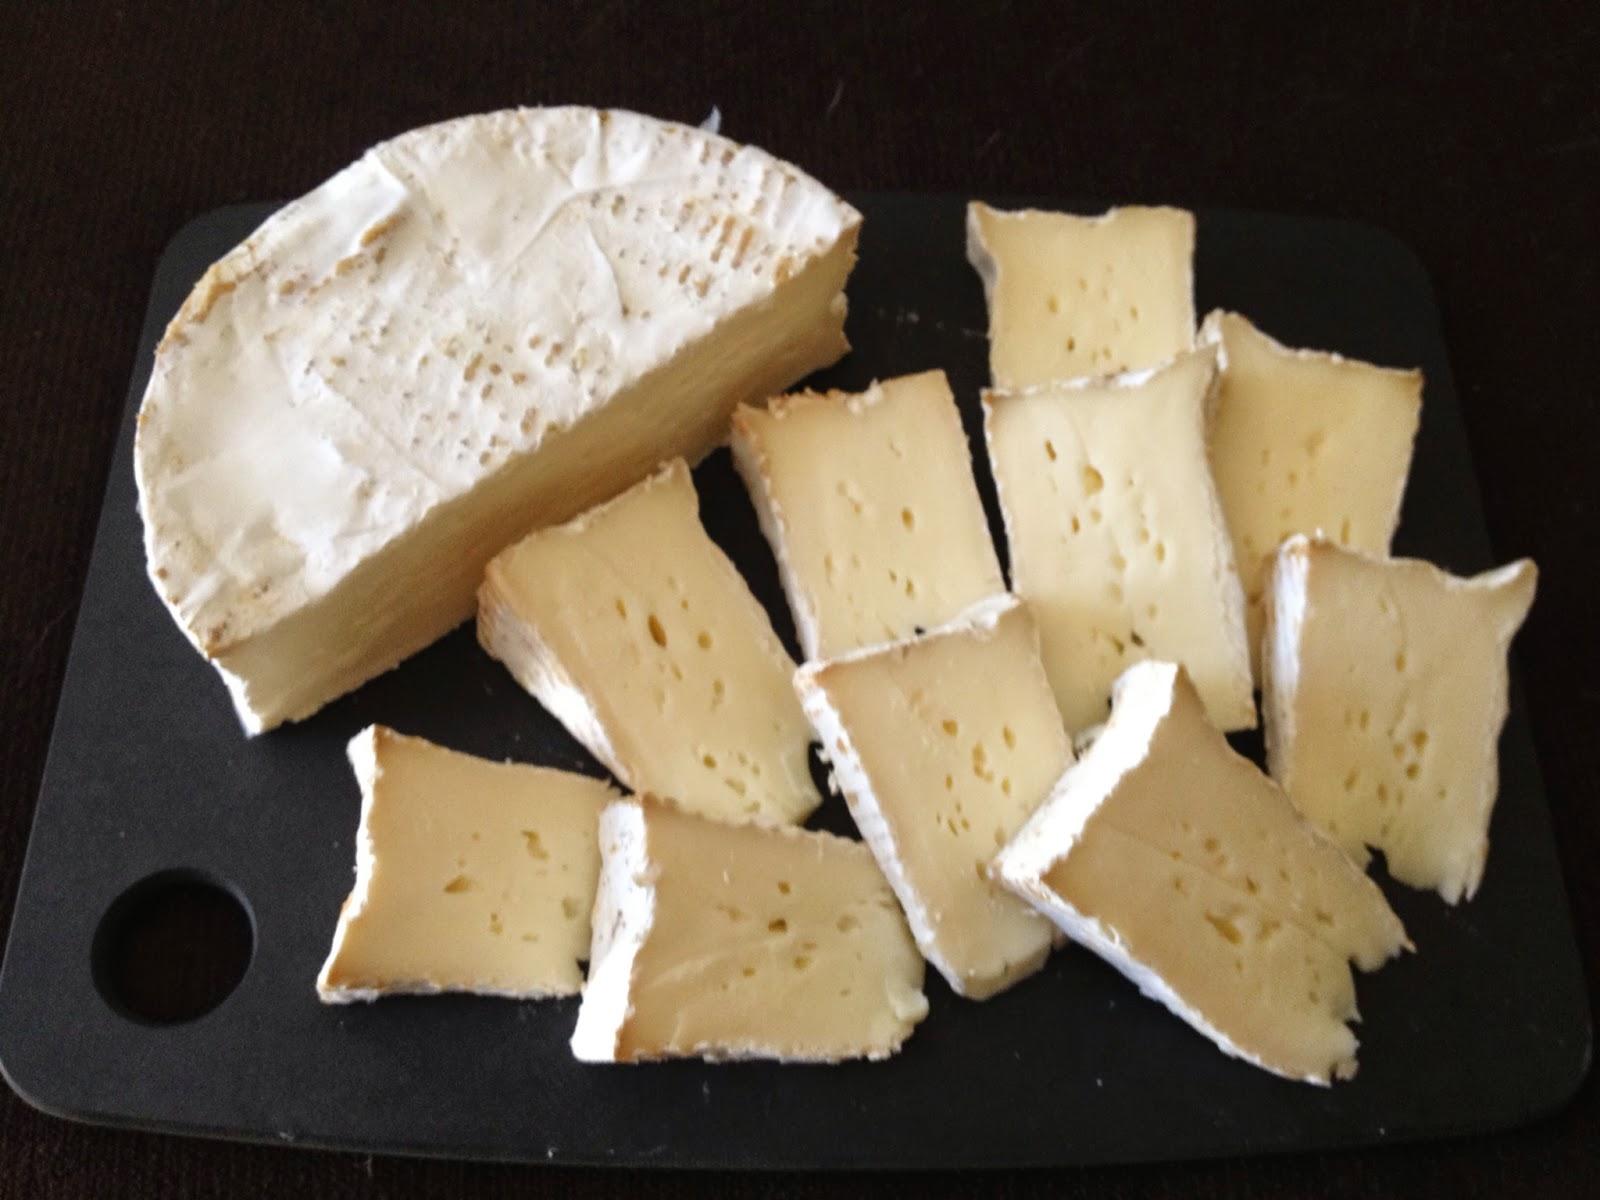 Photo of Roquefort, Brie i Camembert non grata